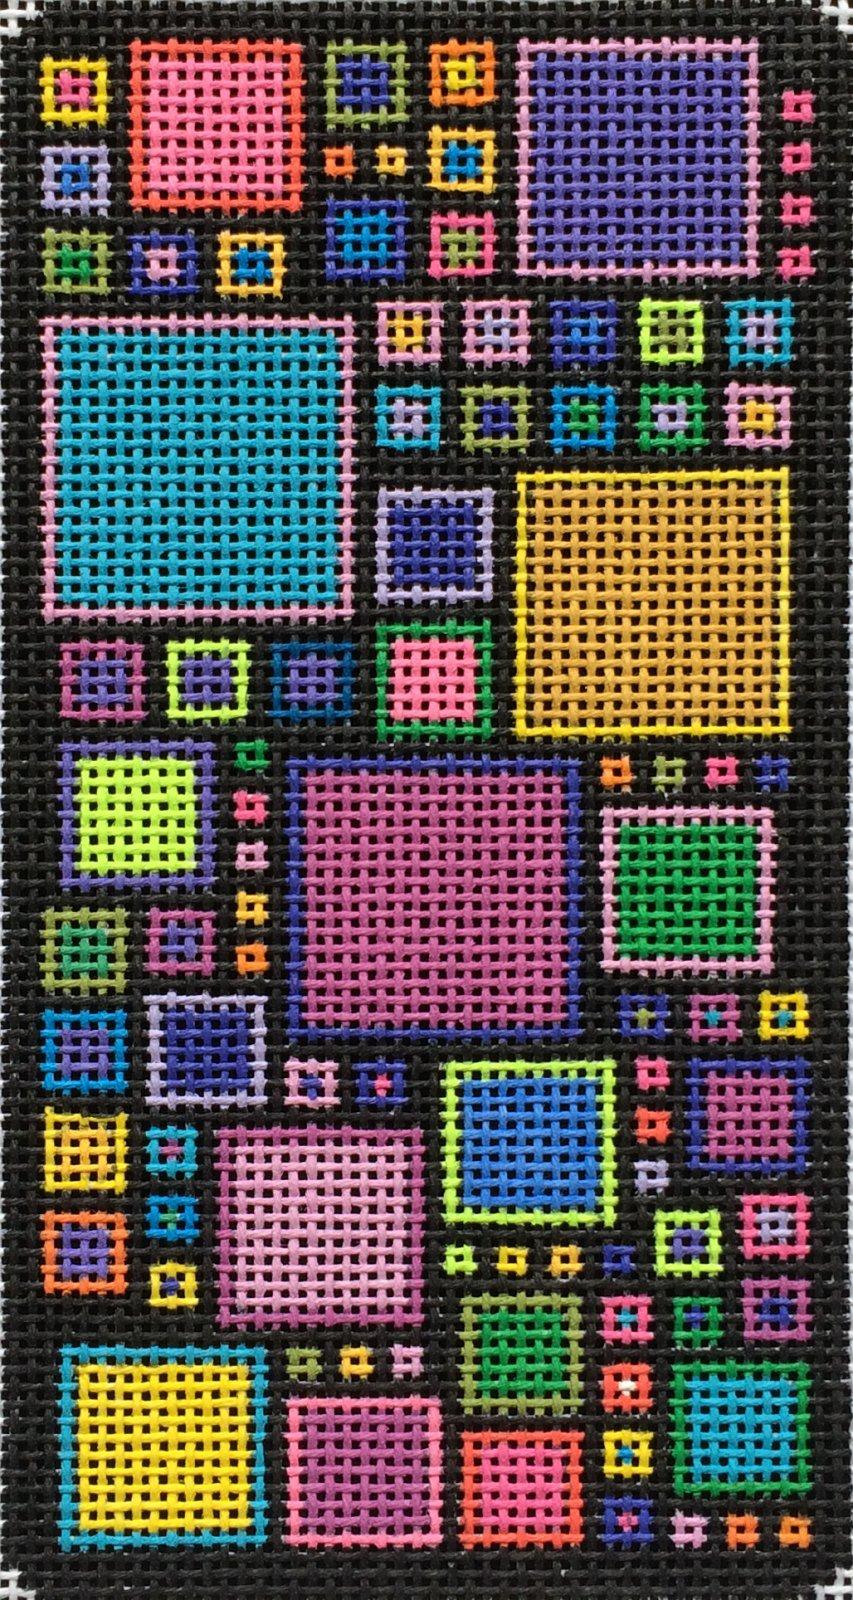 DH3890 - iPhone Circuit Board